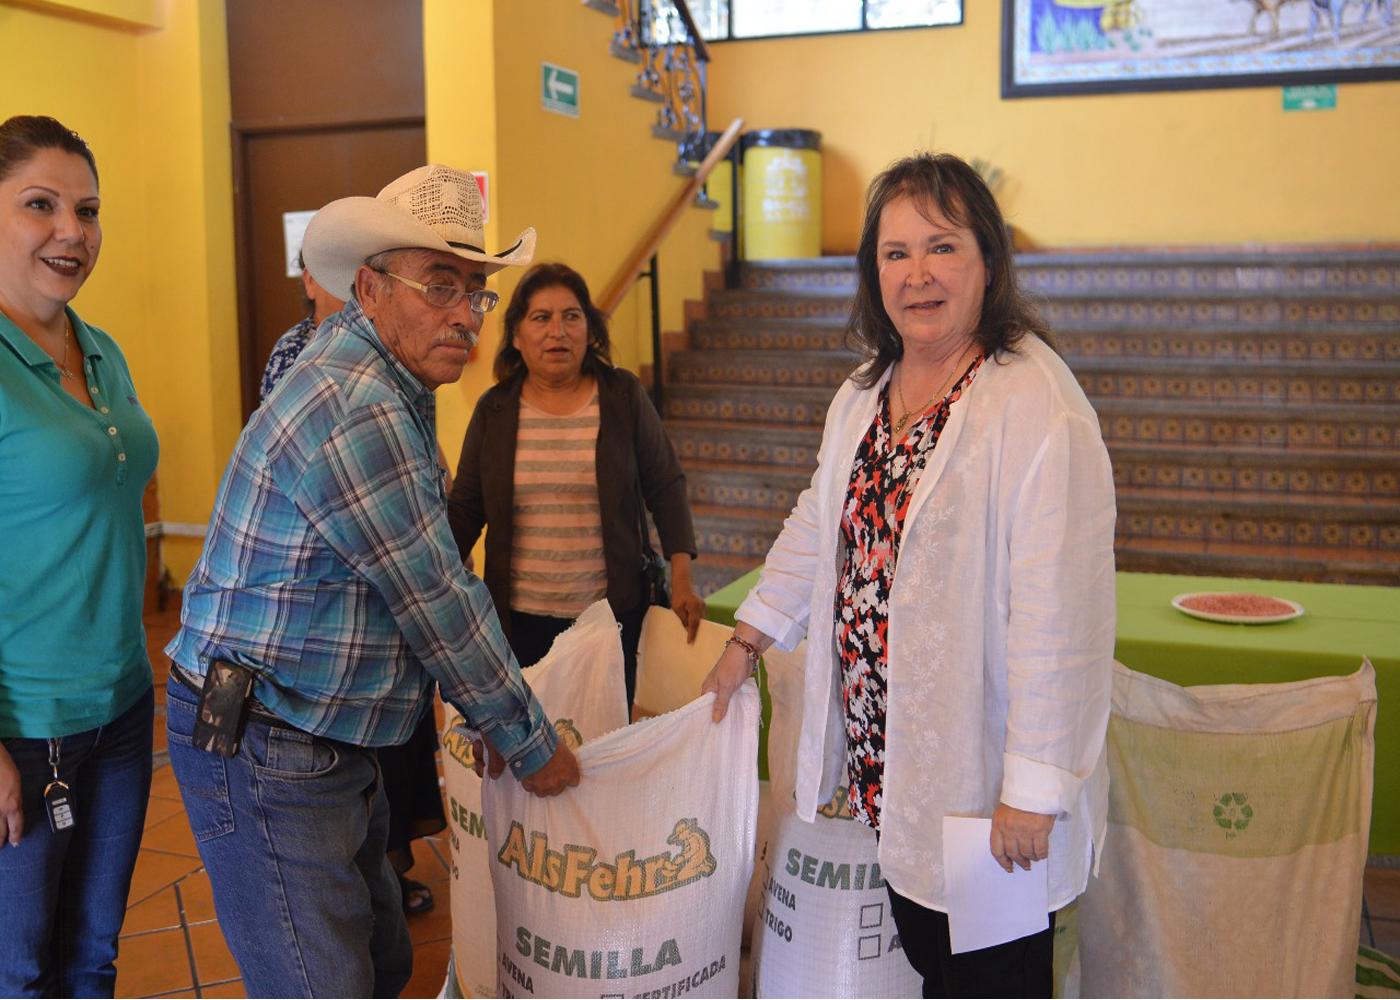 Municipio de ramos entrega semillas a campesinos el for Zacate de invierno